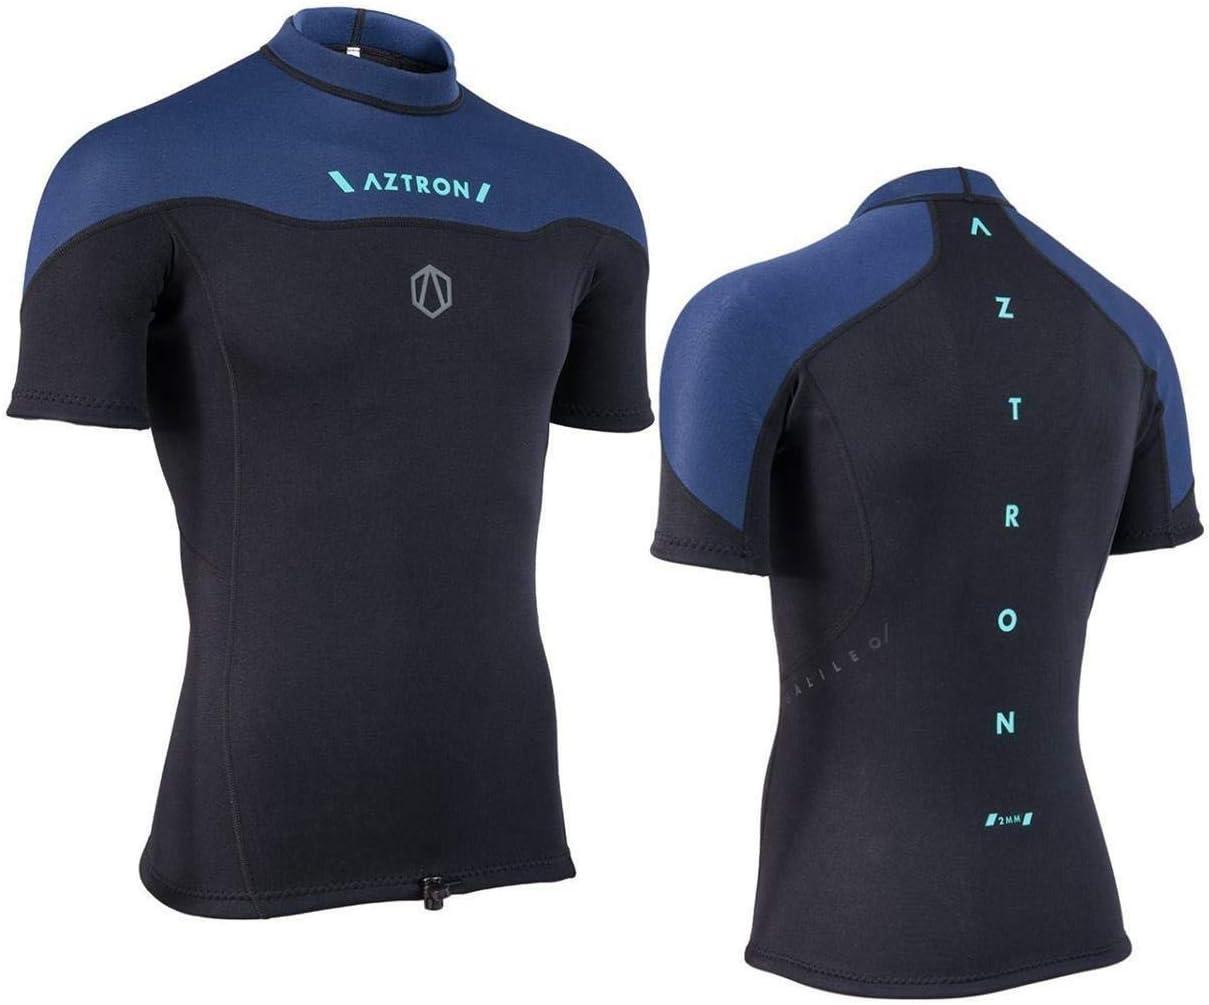 AZTRON Galileo Neo Top Neopreno Shirt Parte Superior 100% Super Ajustado Neopreno 2mm - 48 (S): Amazon.es: Deportes y aire libre